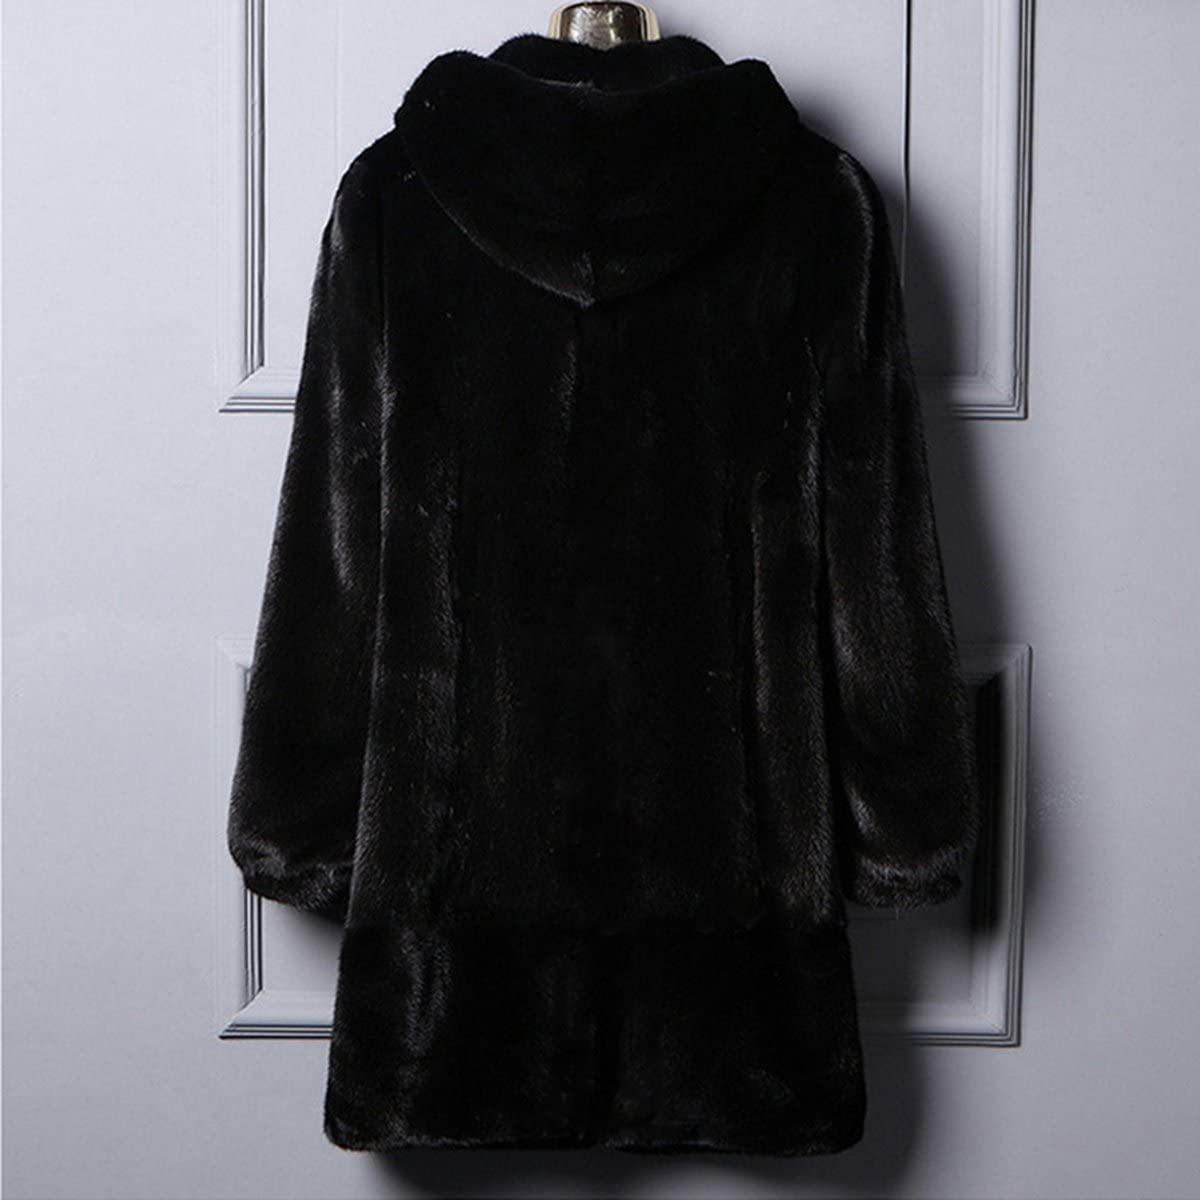 Womens Winter Luxurious Faux Fur Black Hooded Coat Fake Mink Outerwear Jacket